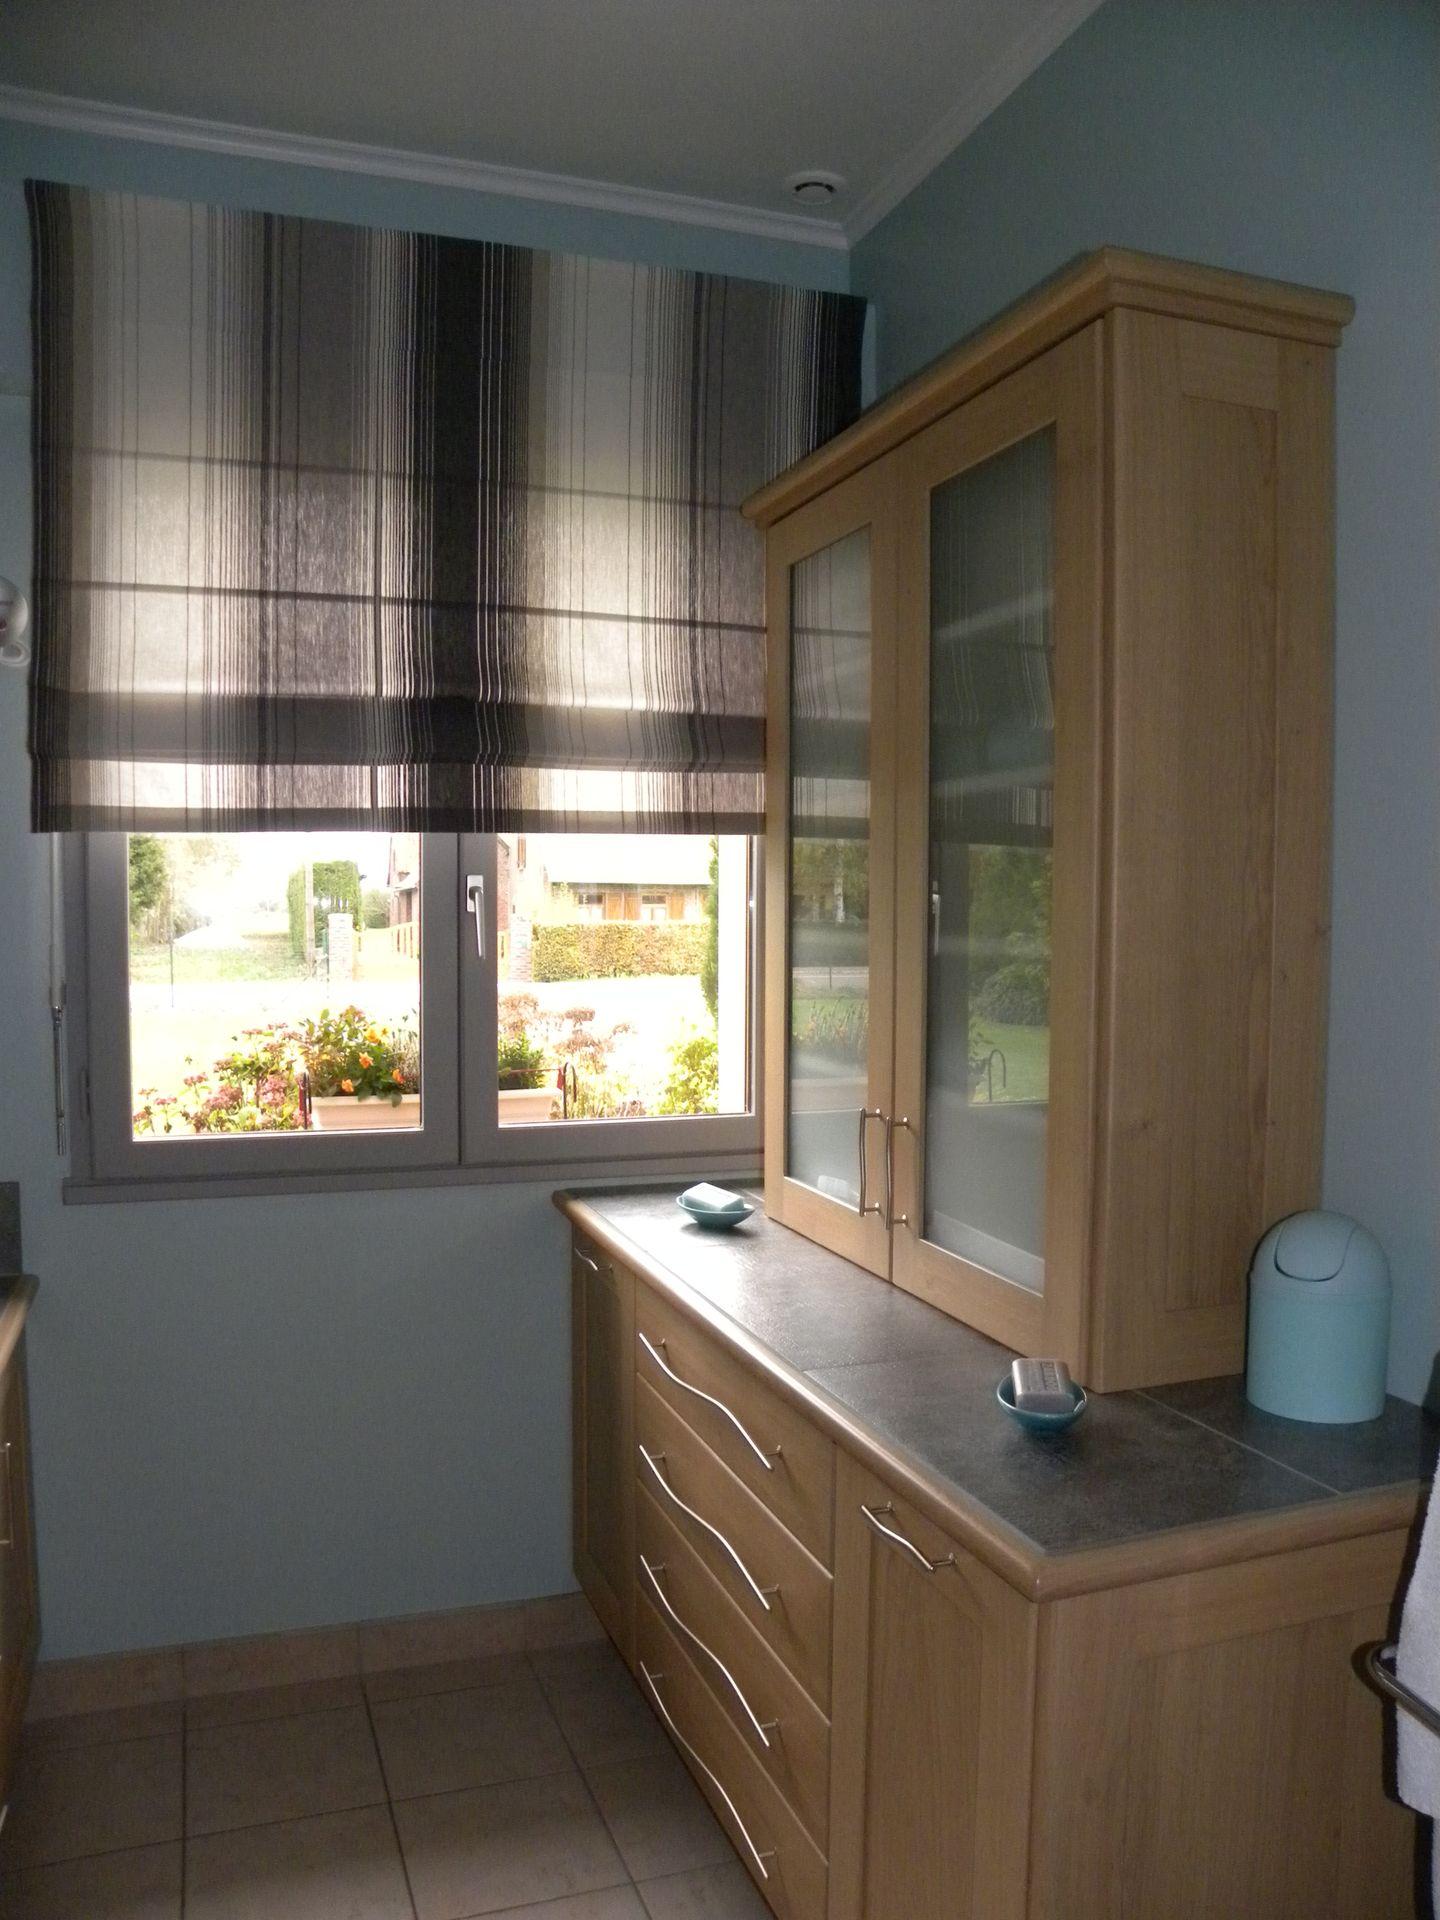 Salle de bain contemporaine bois solutions pour la for Decoration salle de bains contemporaine